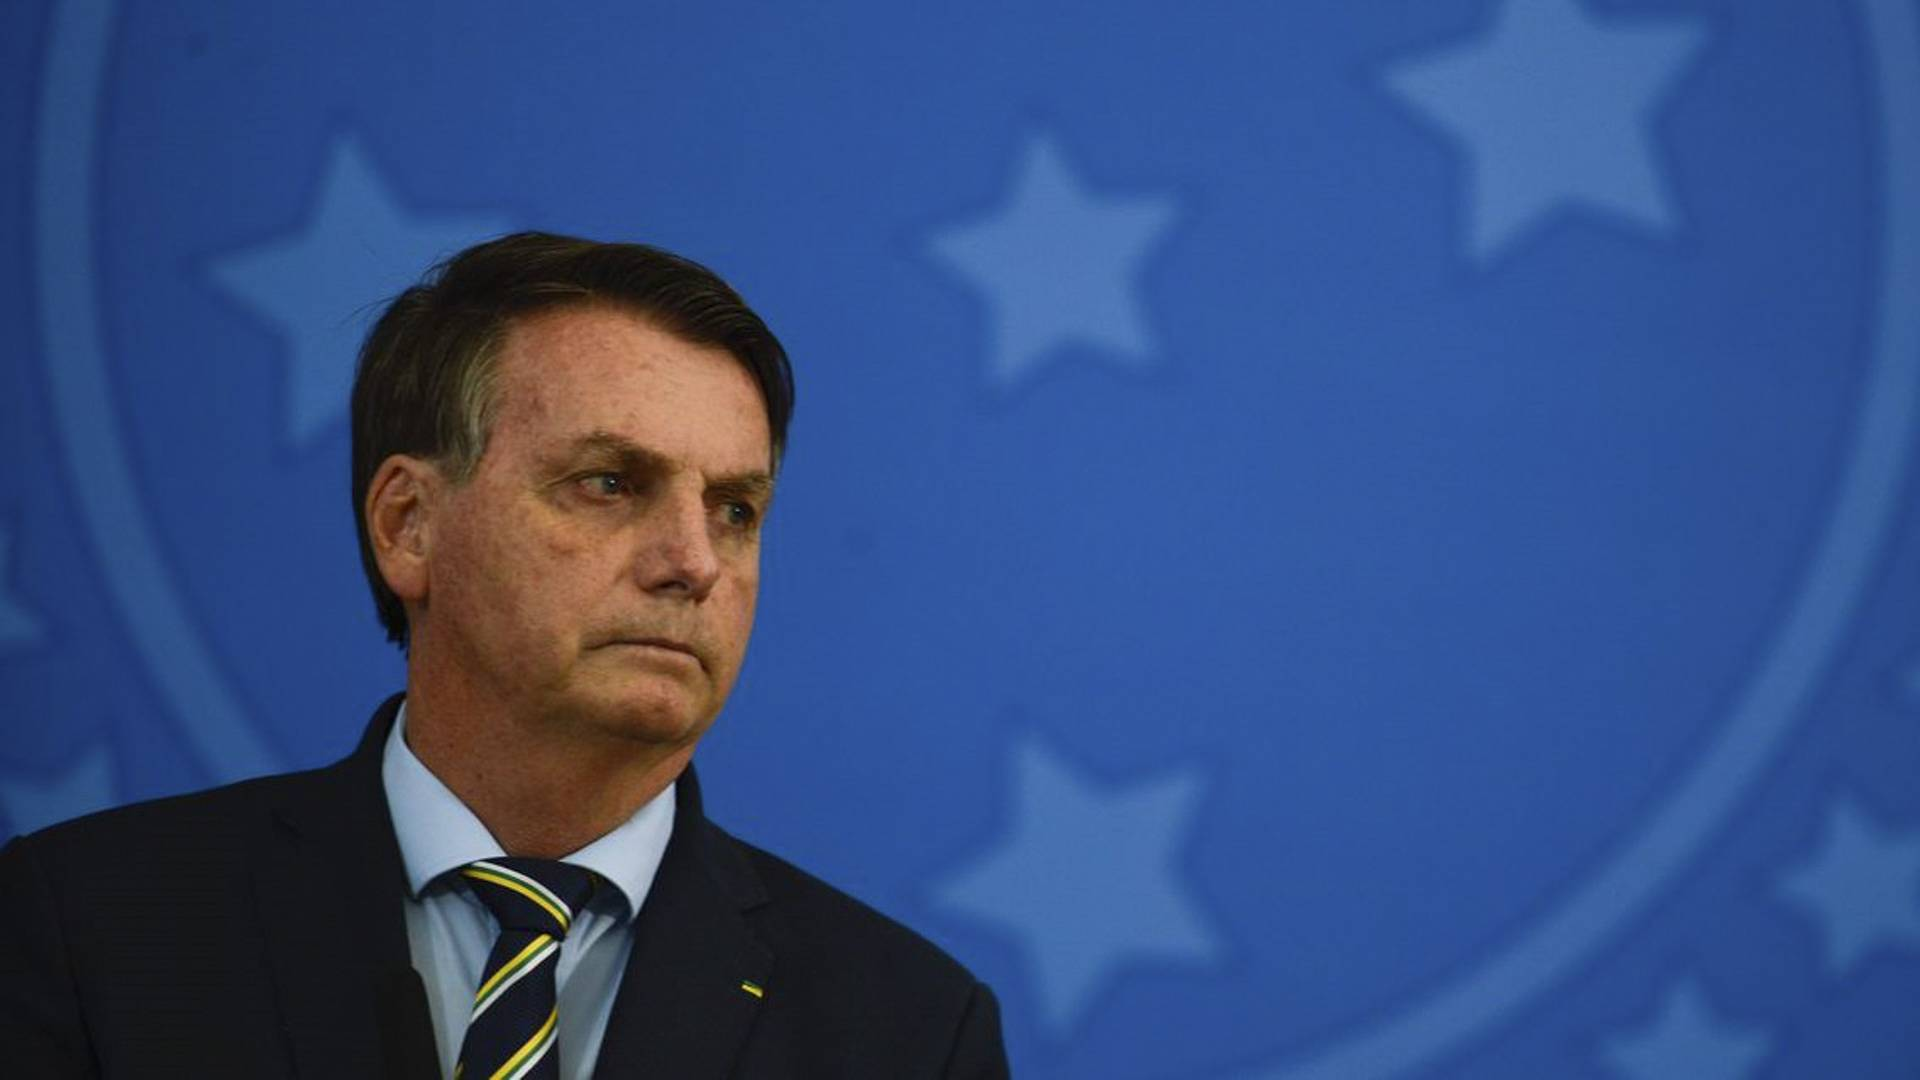 Subprocurador do MP que atua no TCU pede que Bolsonaro e ministros sejam afastados da gestão